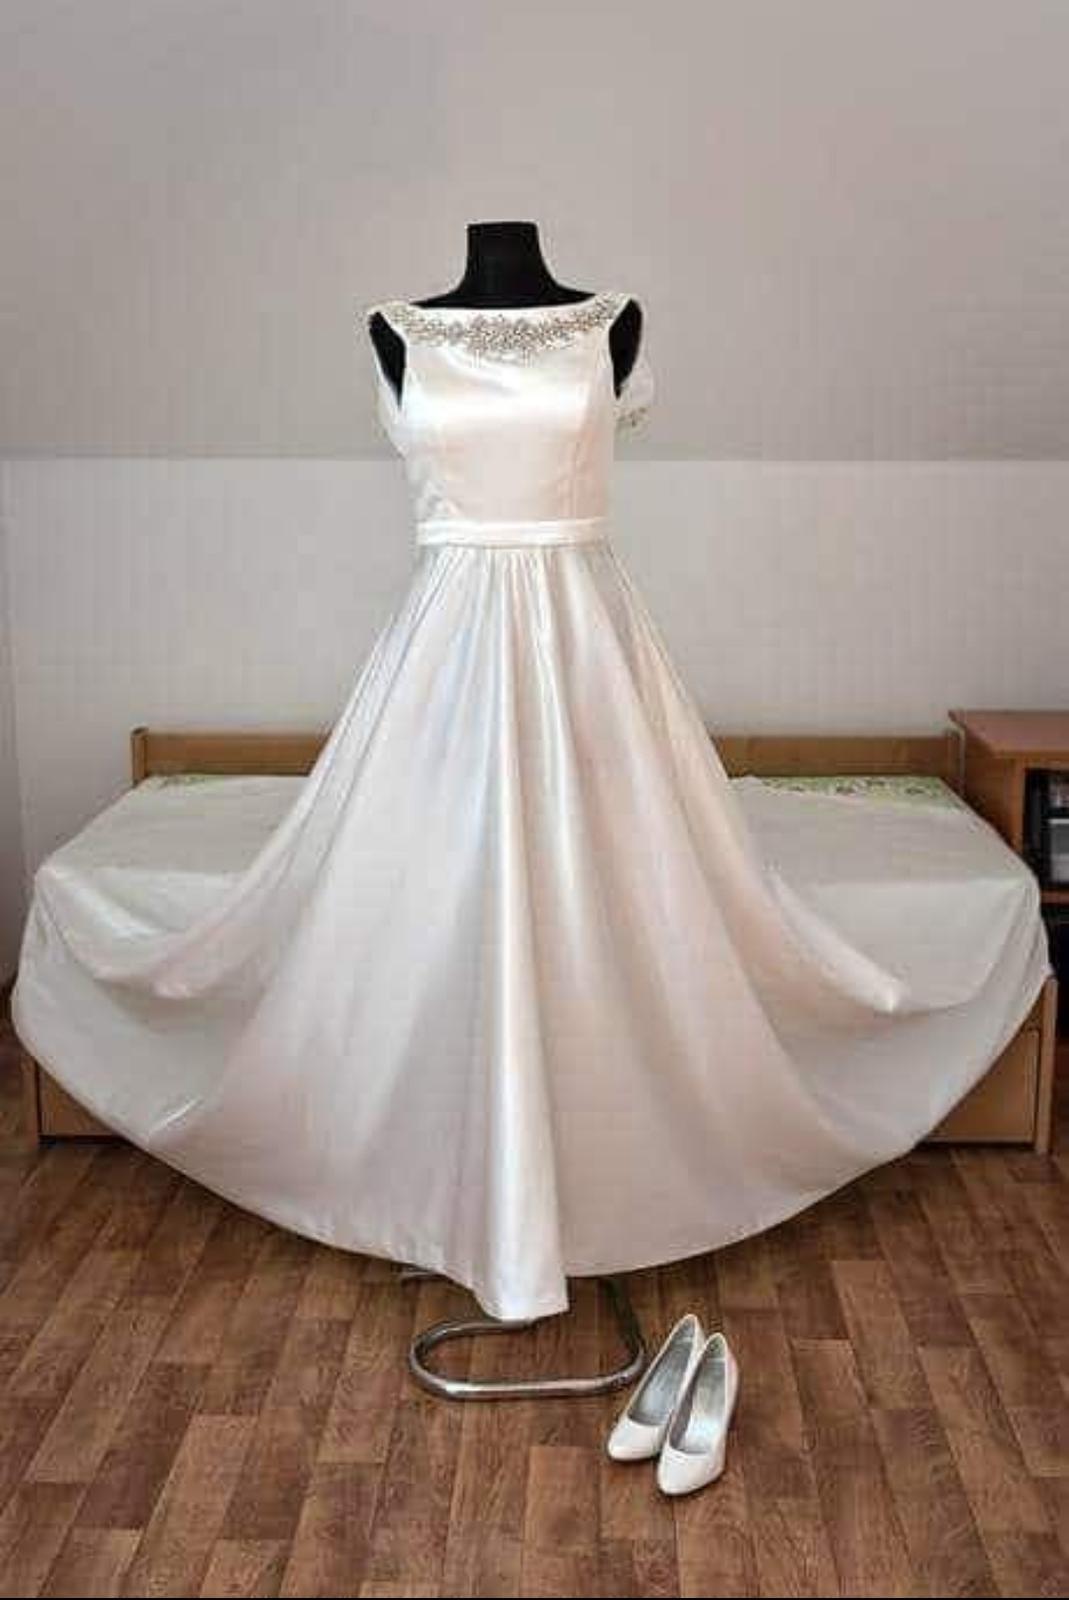 saténové svadobné šaty,36-38 - Obrázok č. 2